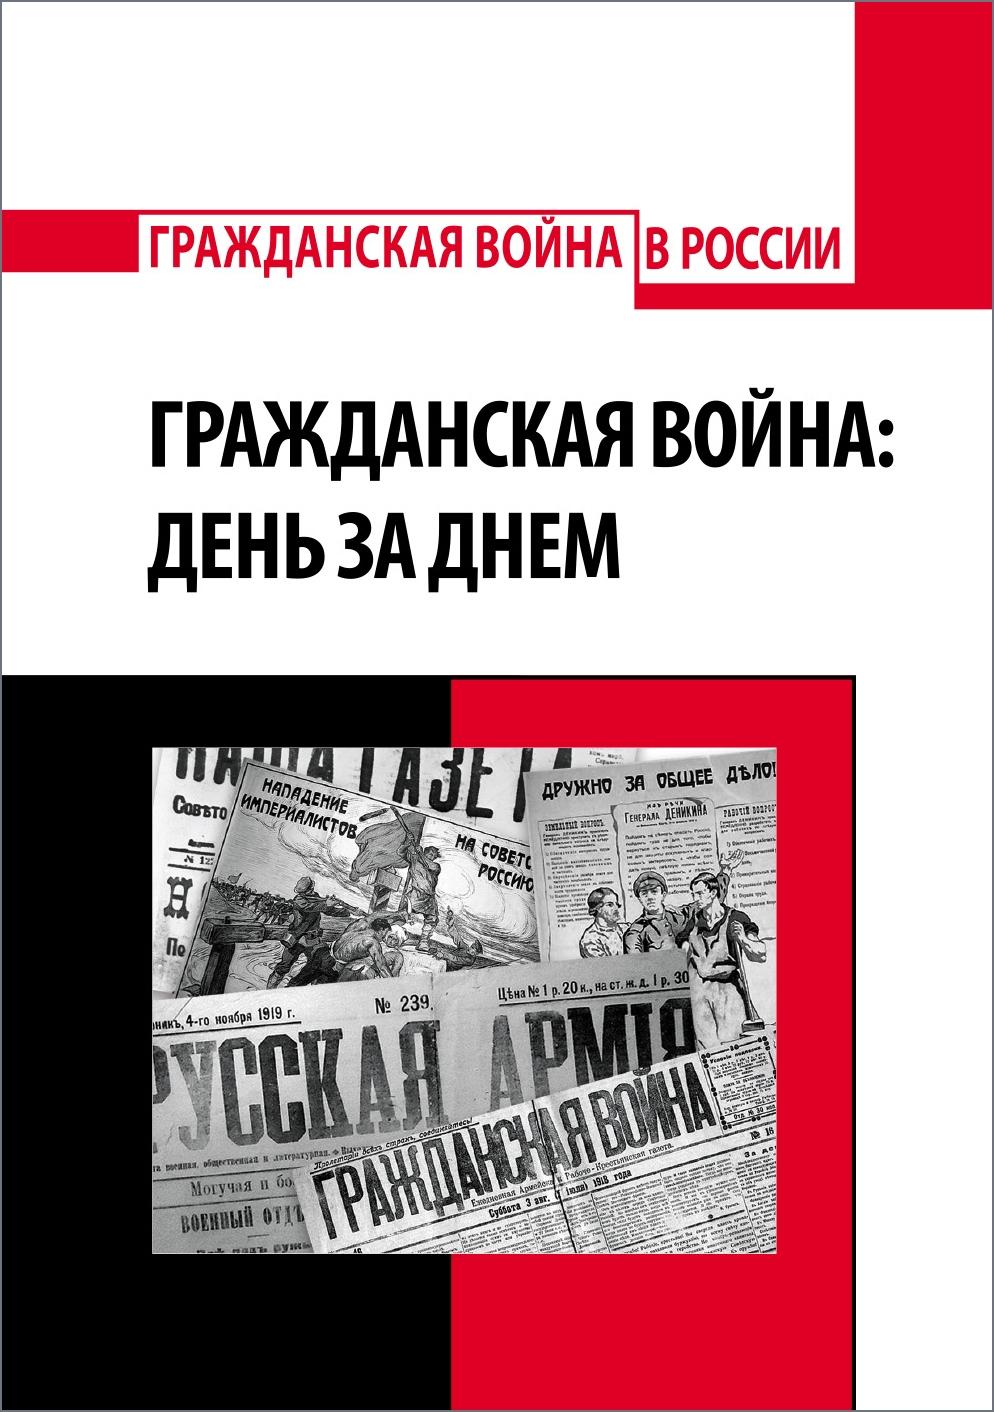 Гражданская война: день за днем, антология. Издательство РХГА